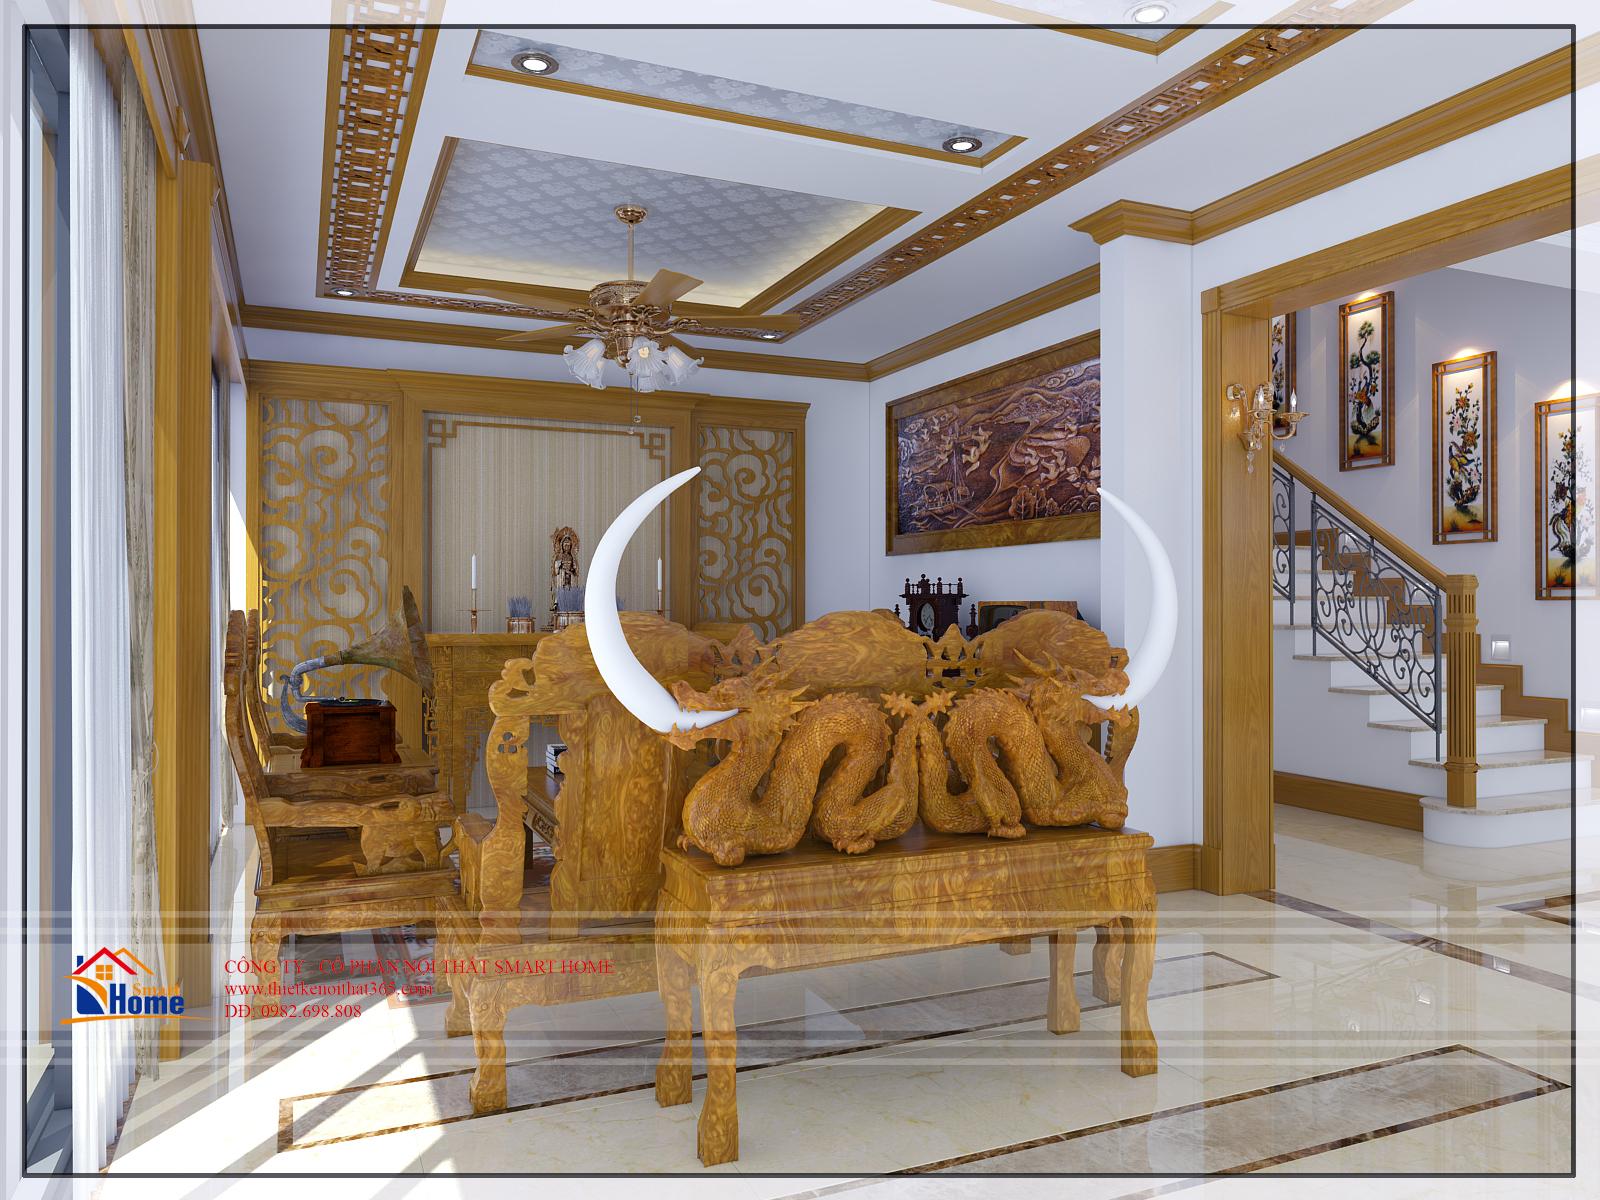 Thiết kế nội thất biệt thự tại Gamuda City